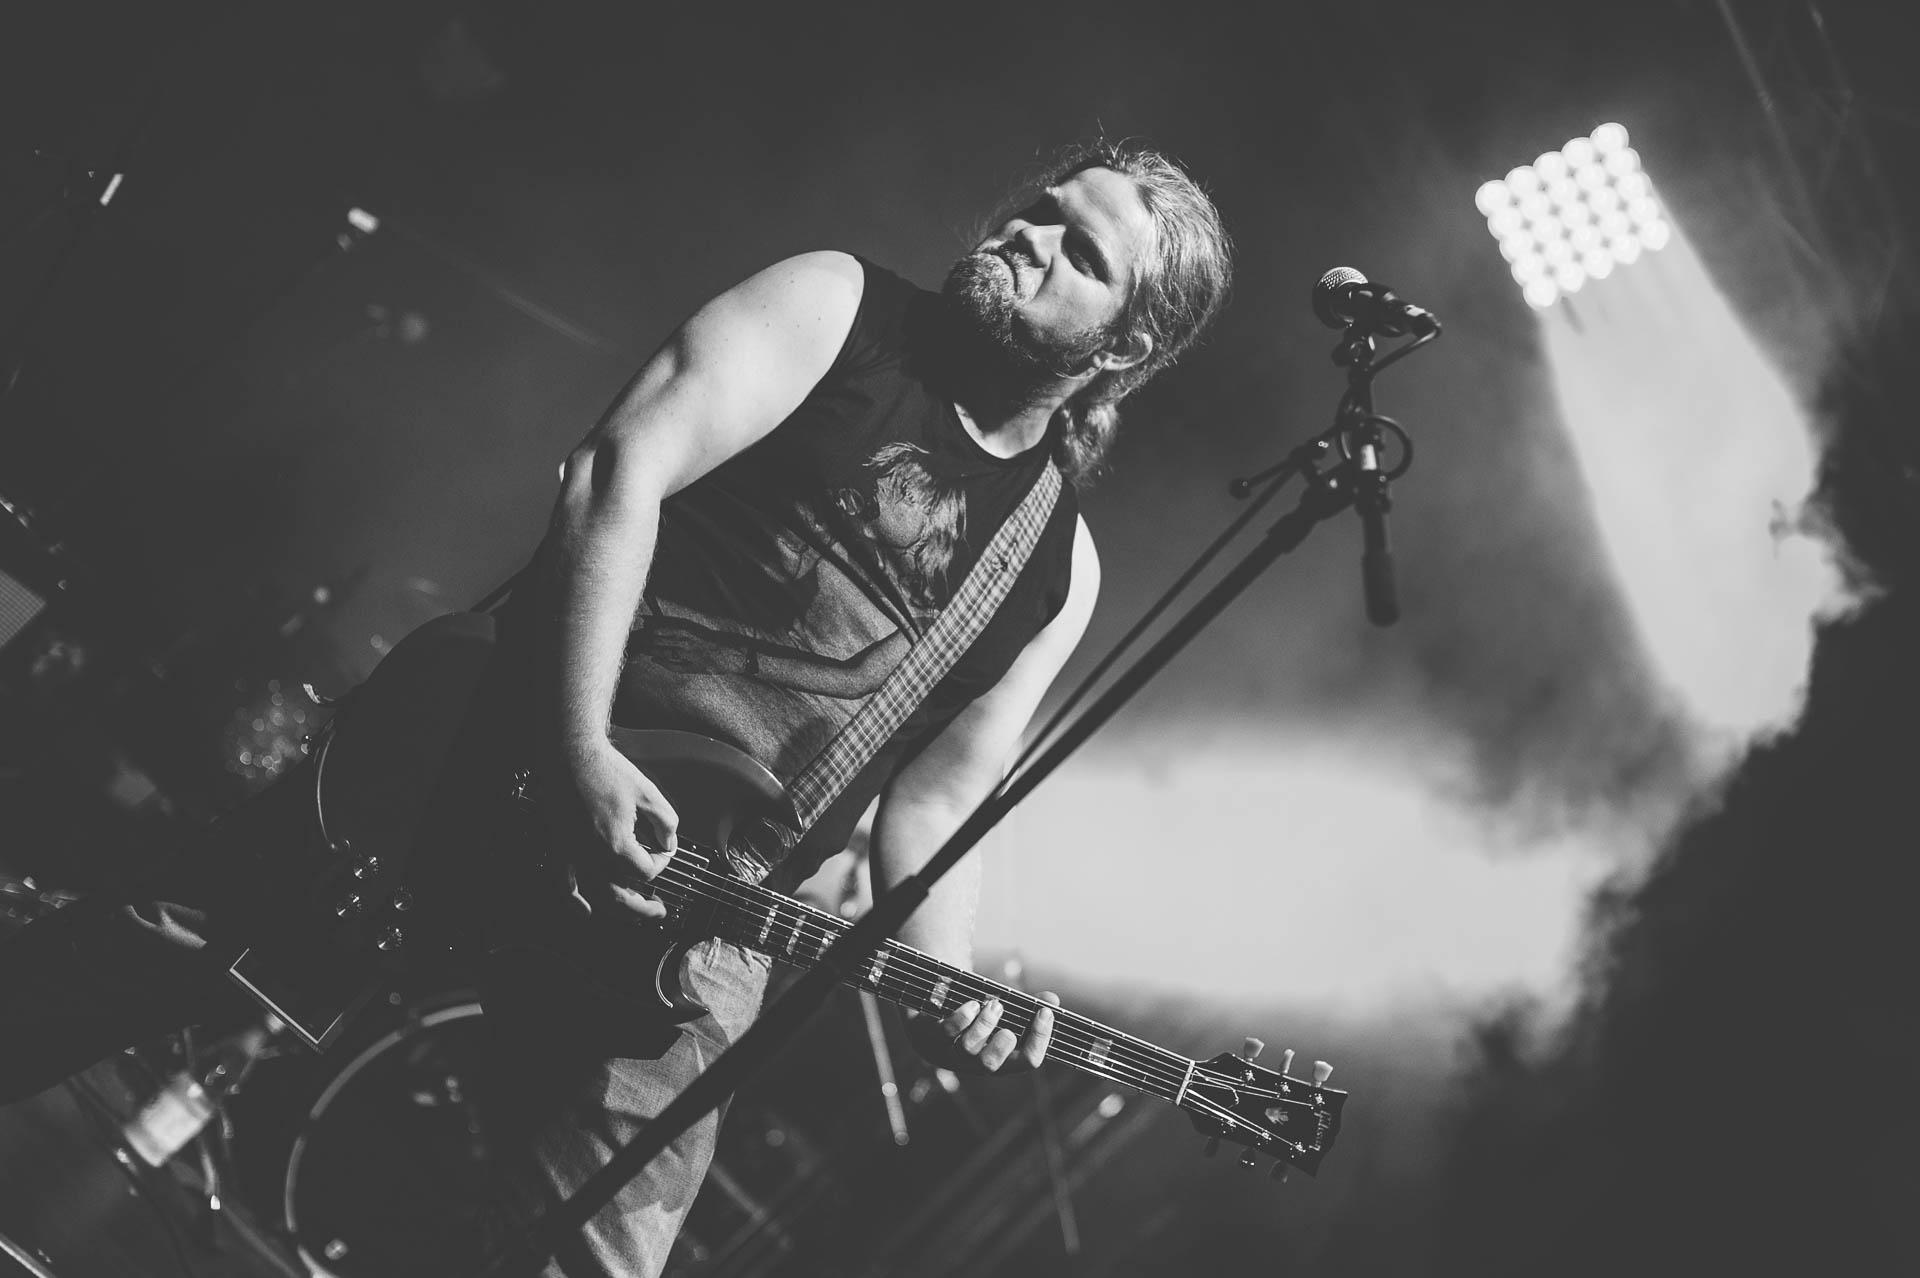 Konzert Gitarrist schwarzweiss Rock